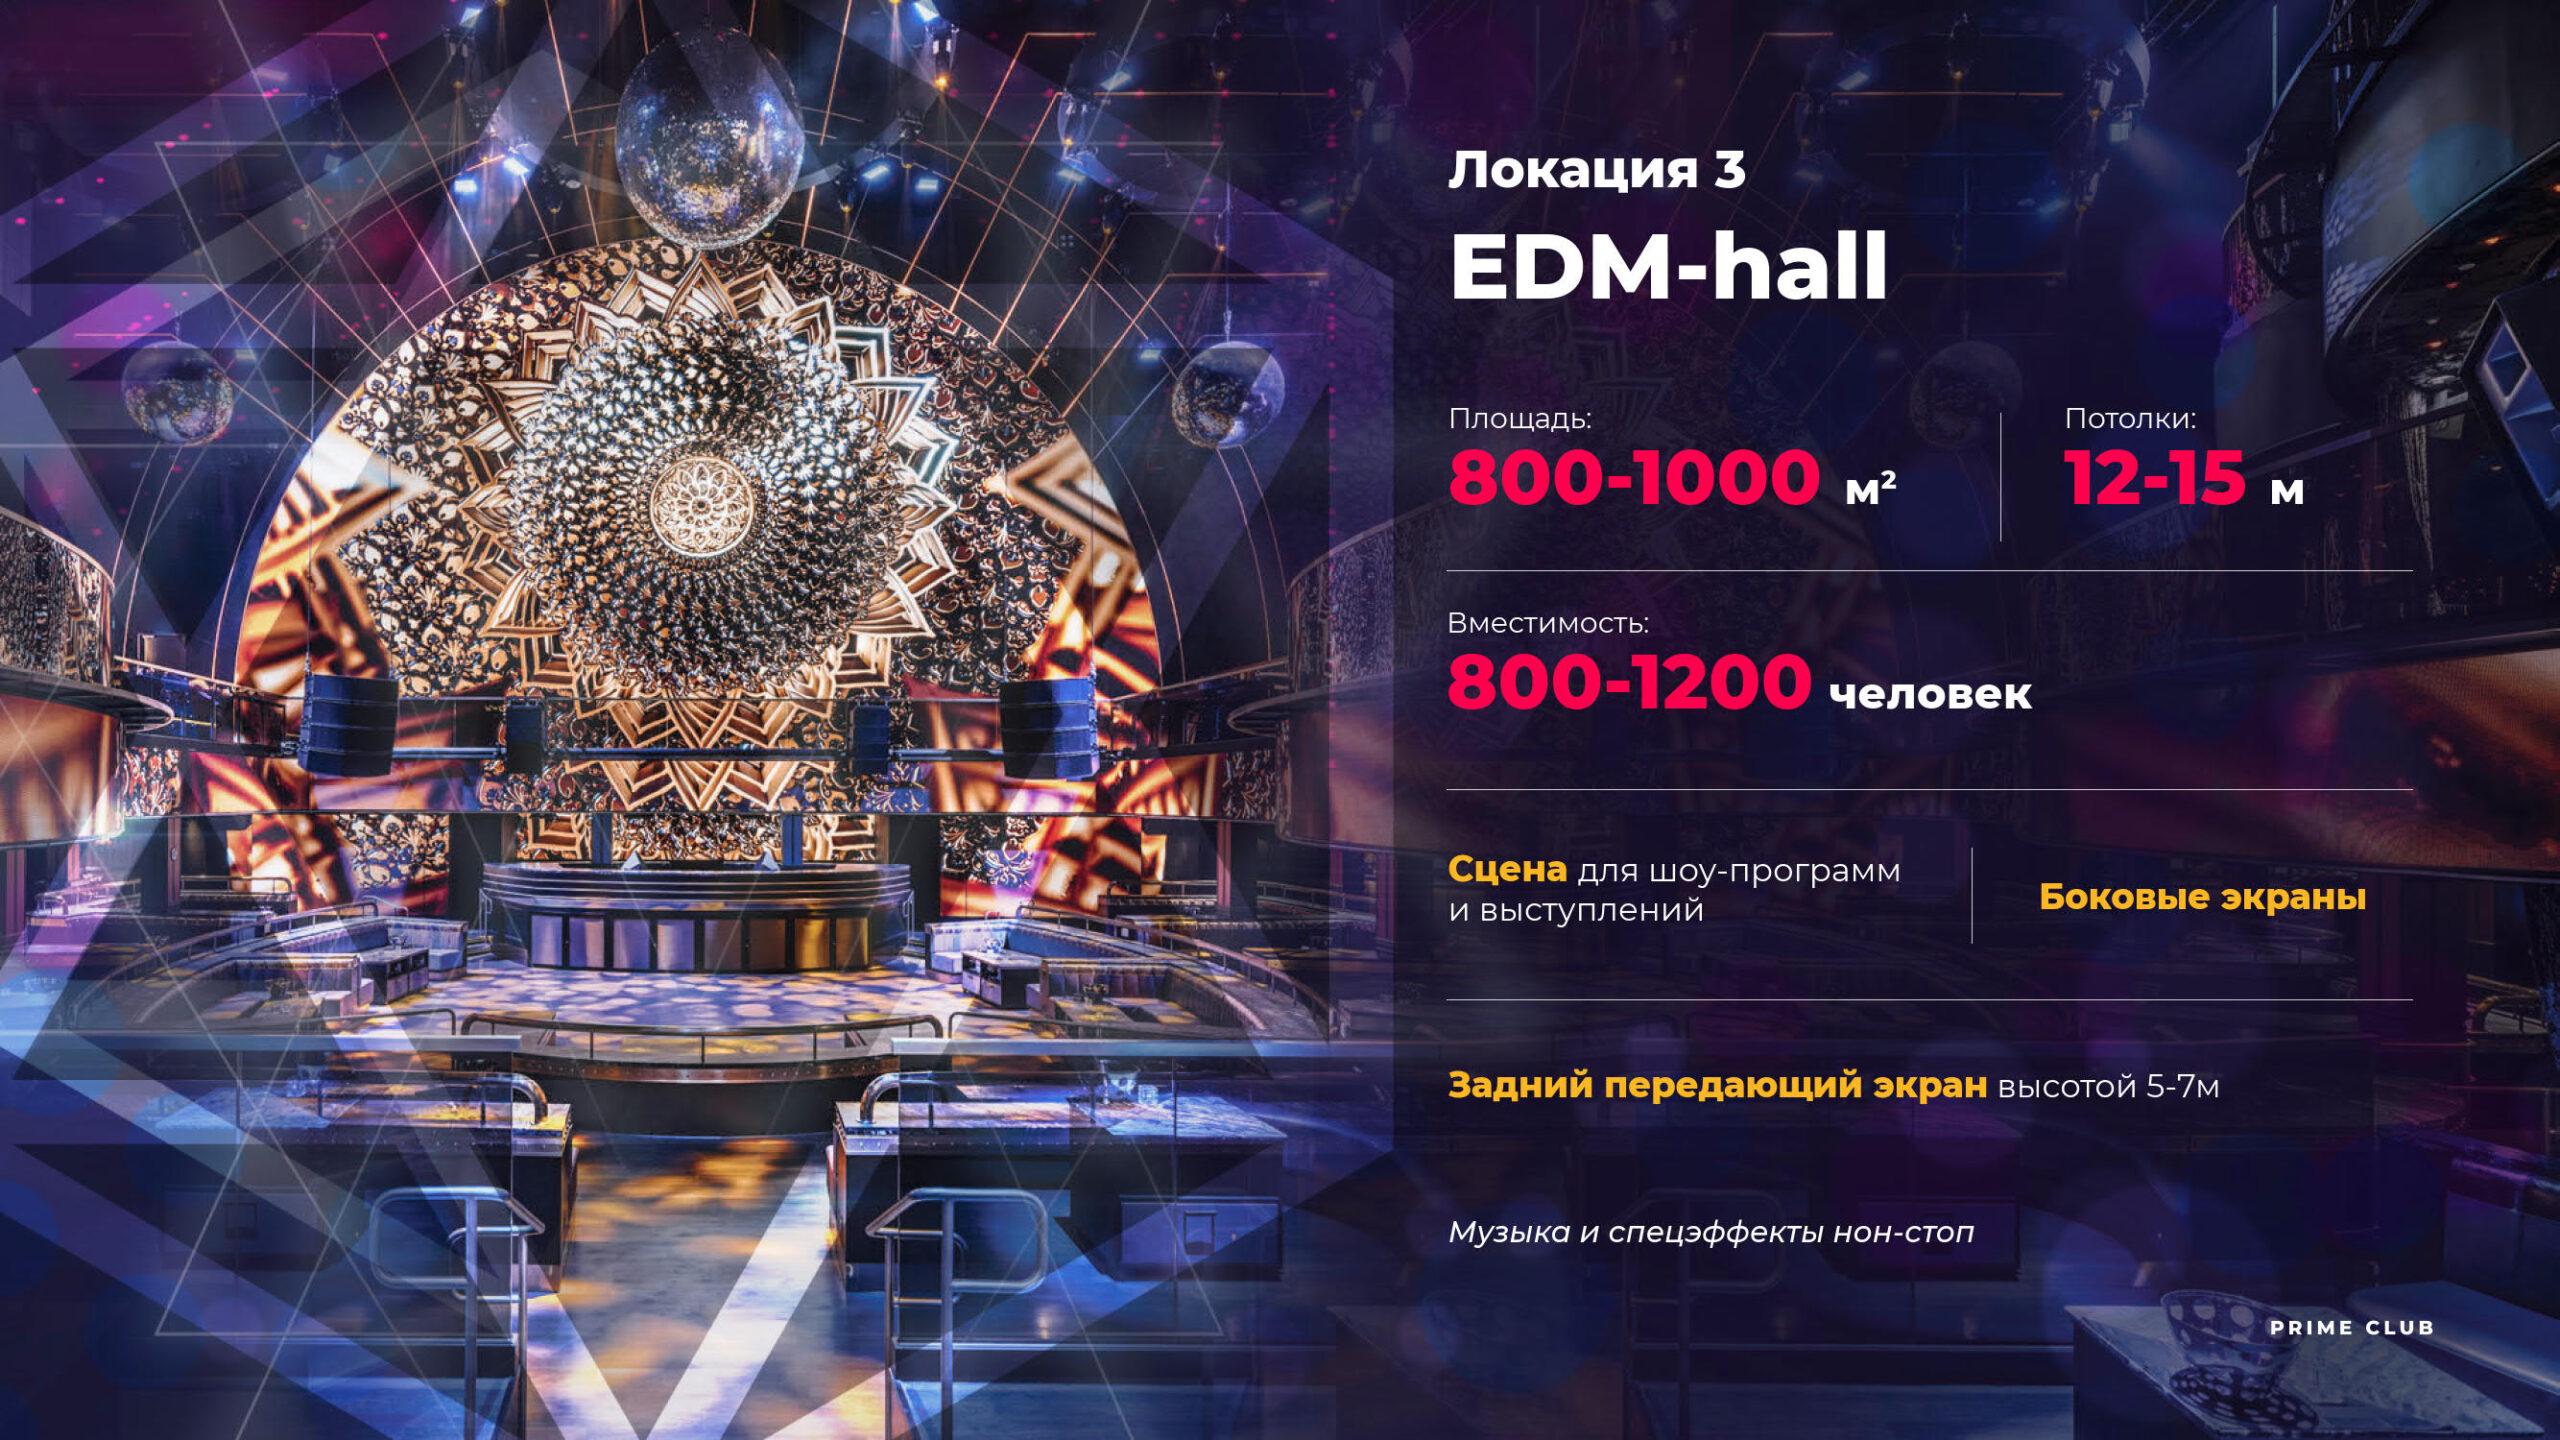 Prezentacija-nochnogo-kluba-EDM-hall